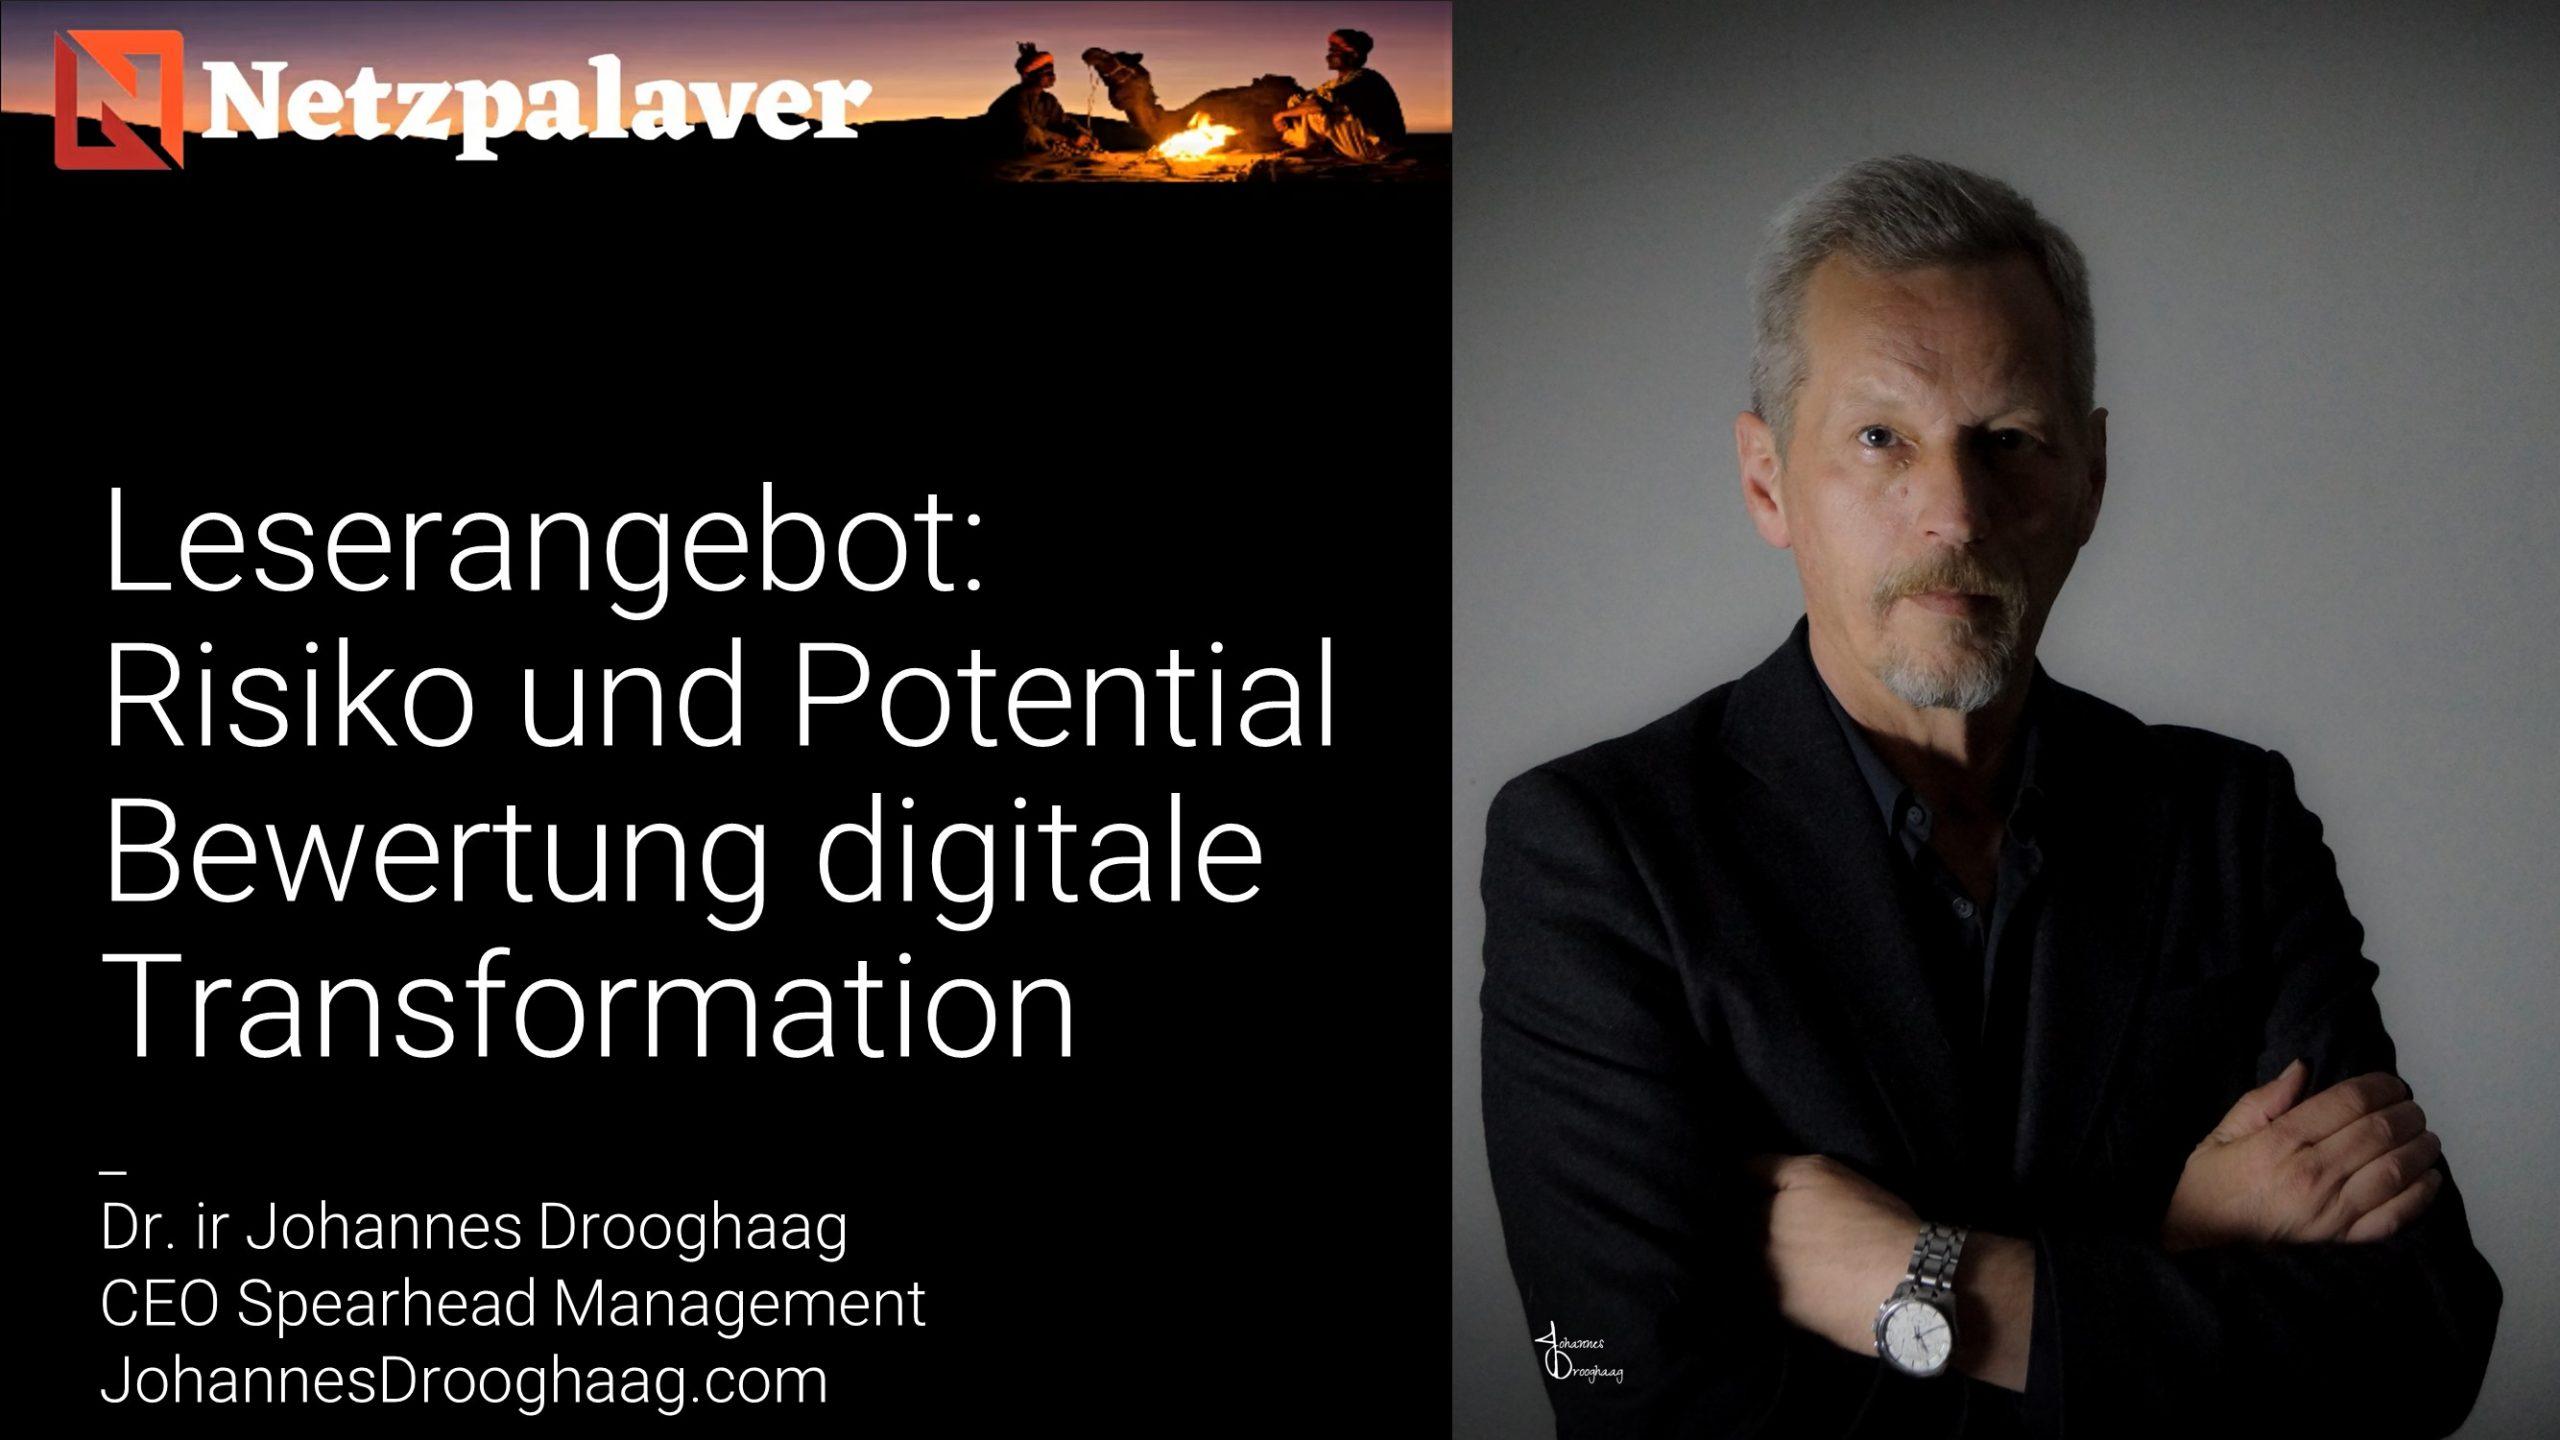 Leserangebot: Risiko und Potential Bewertung digitale Transformation